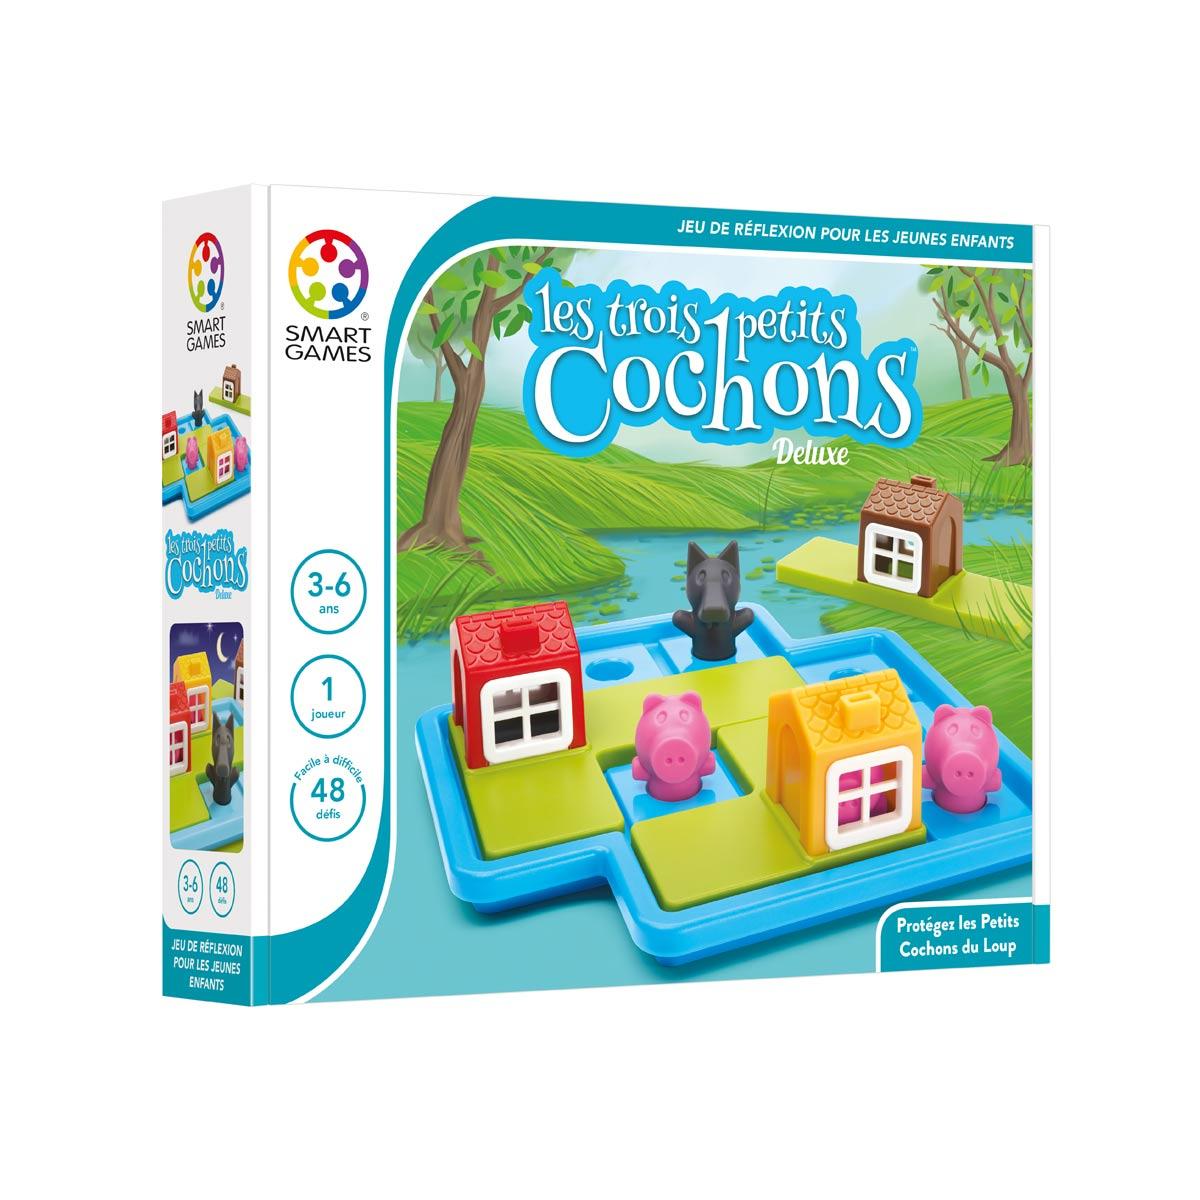 Jeux Educatif Enfant 6 Ans - Primanyc avec Jeux Educatif Gratuit 6 Ans